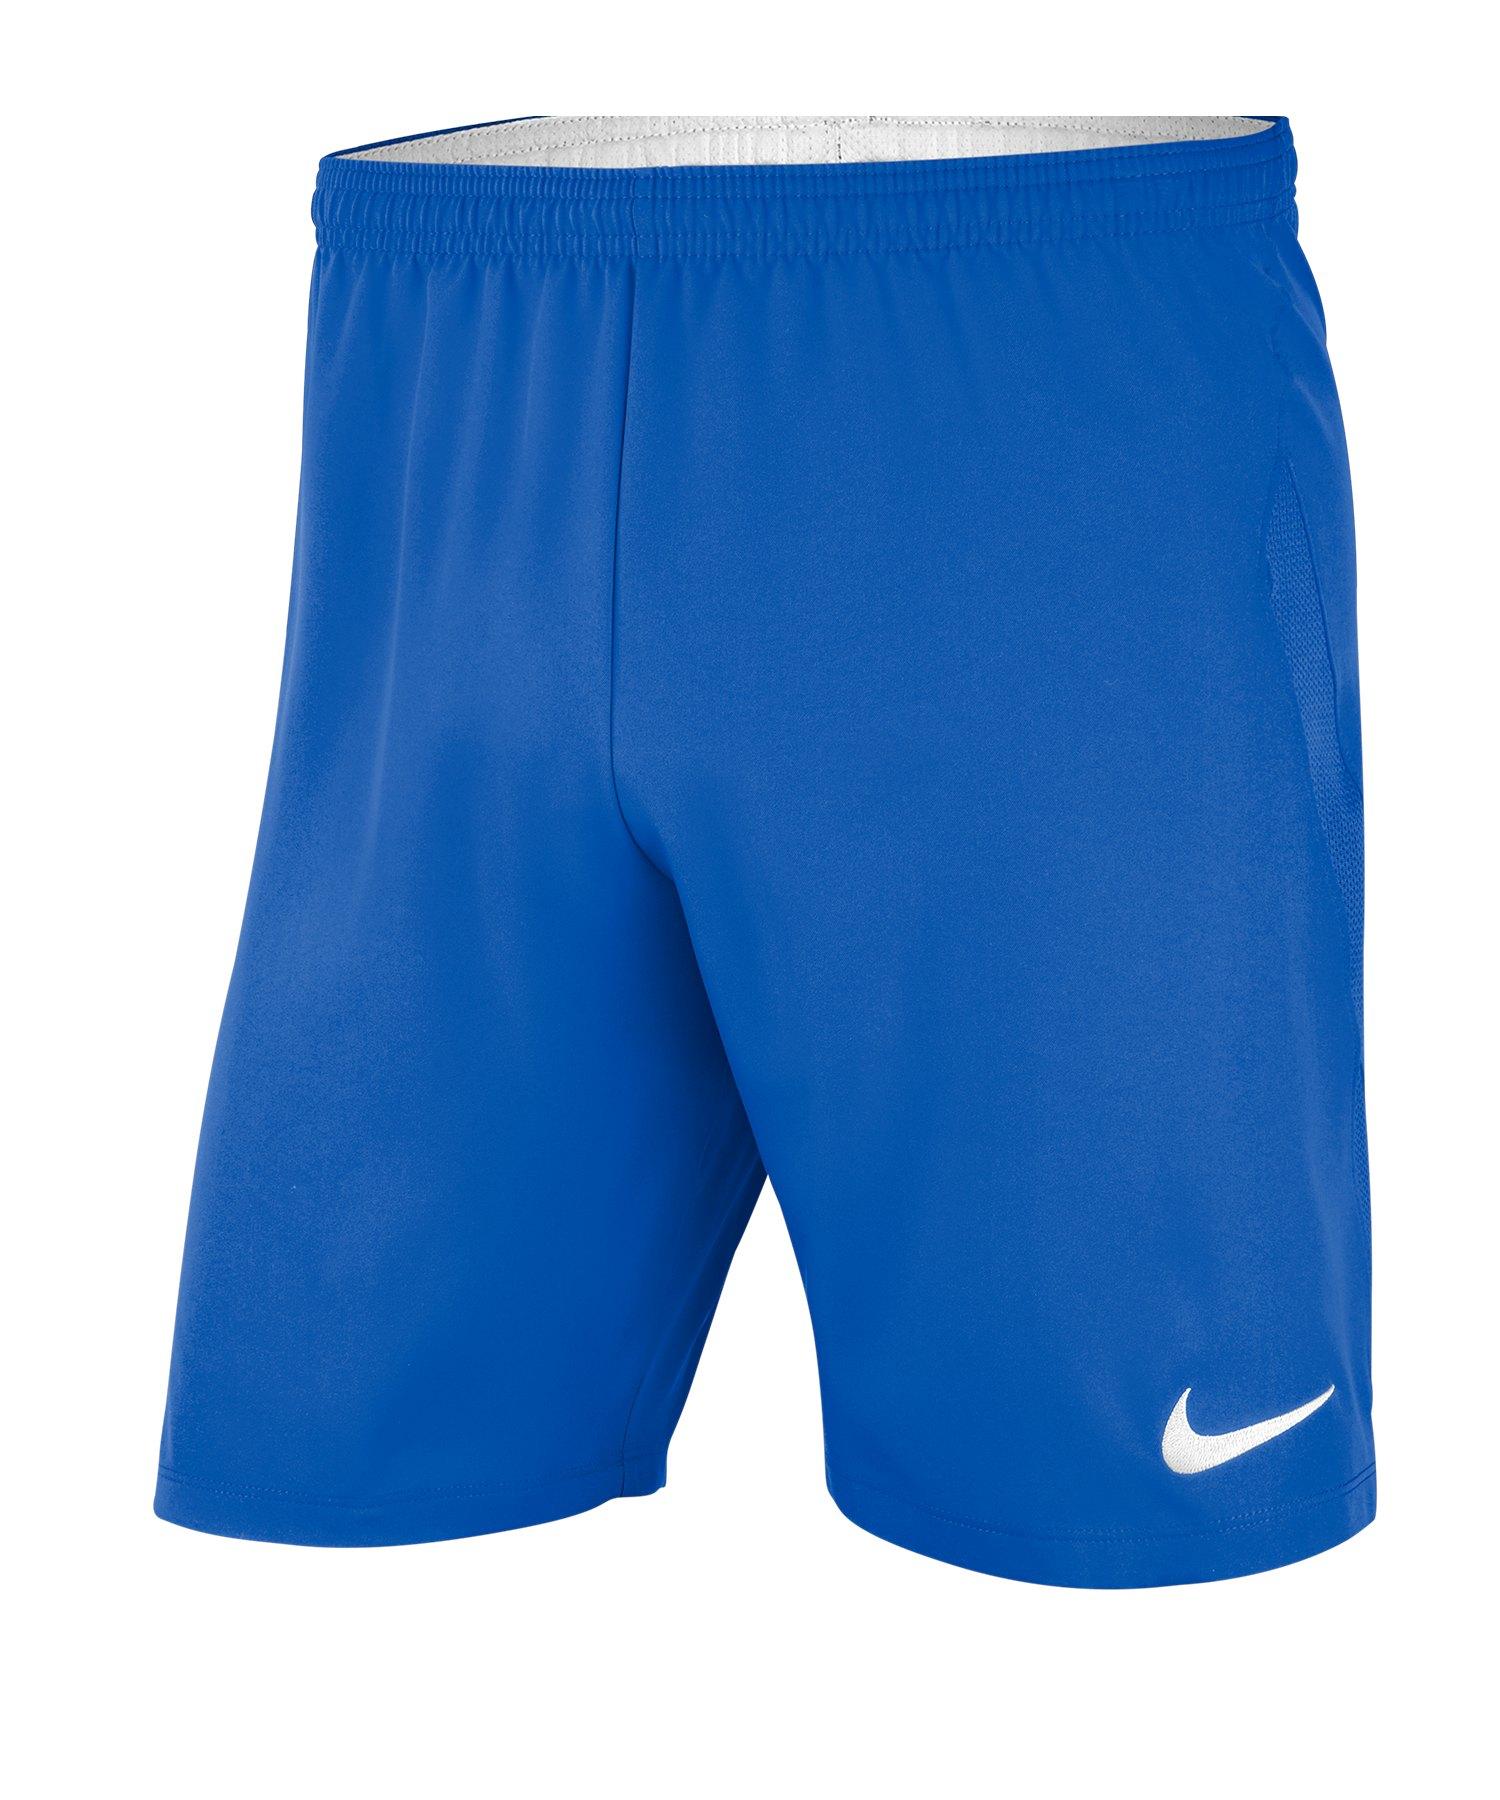 Nike Laser IV Woven Short Blau F463 - blau